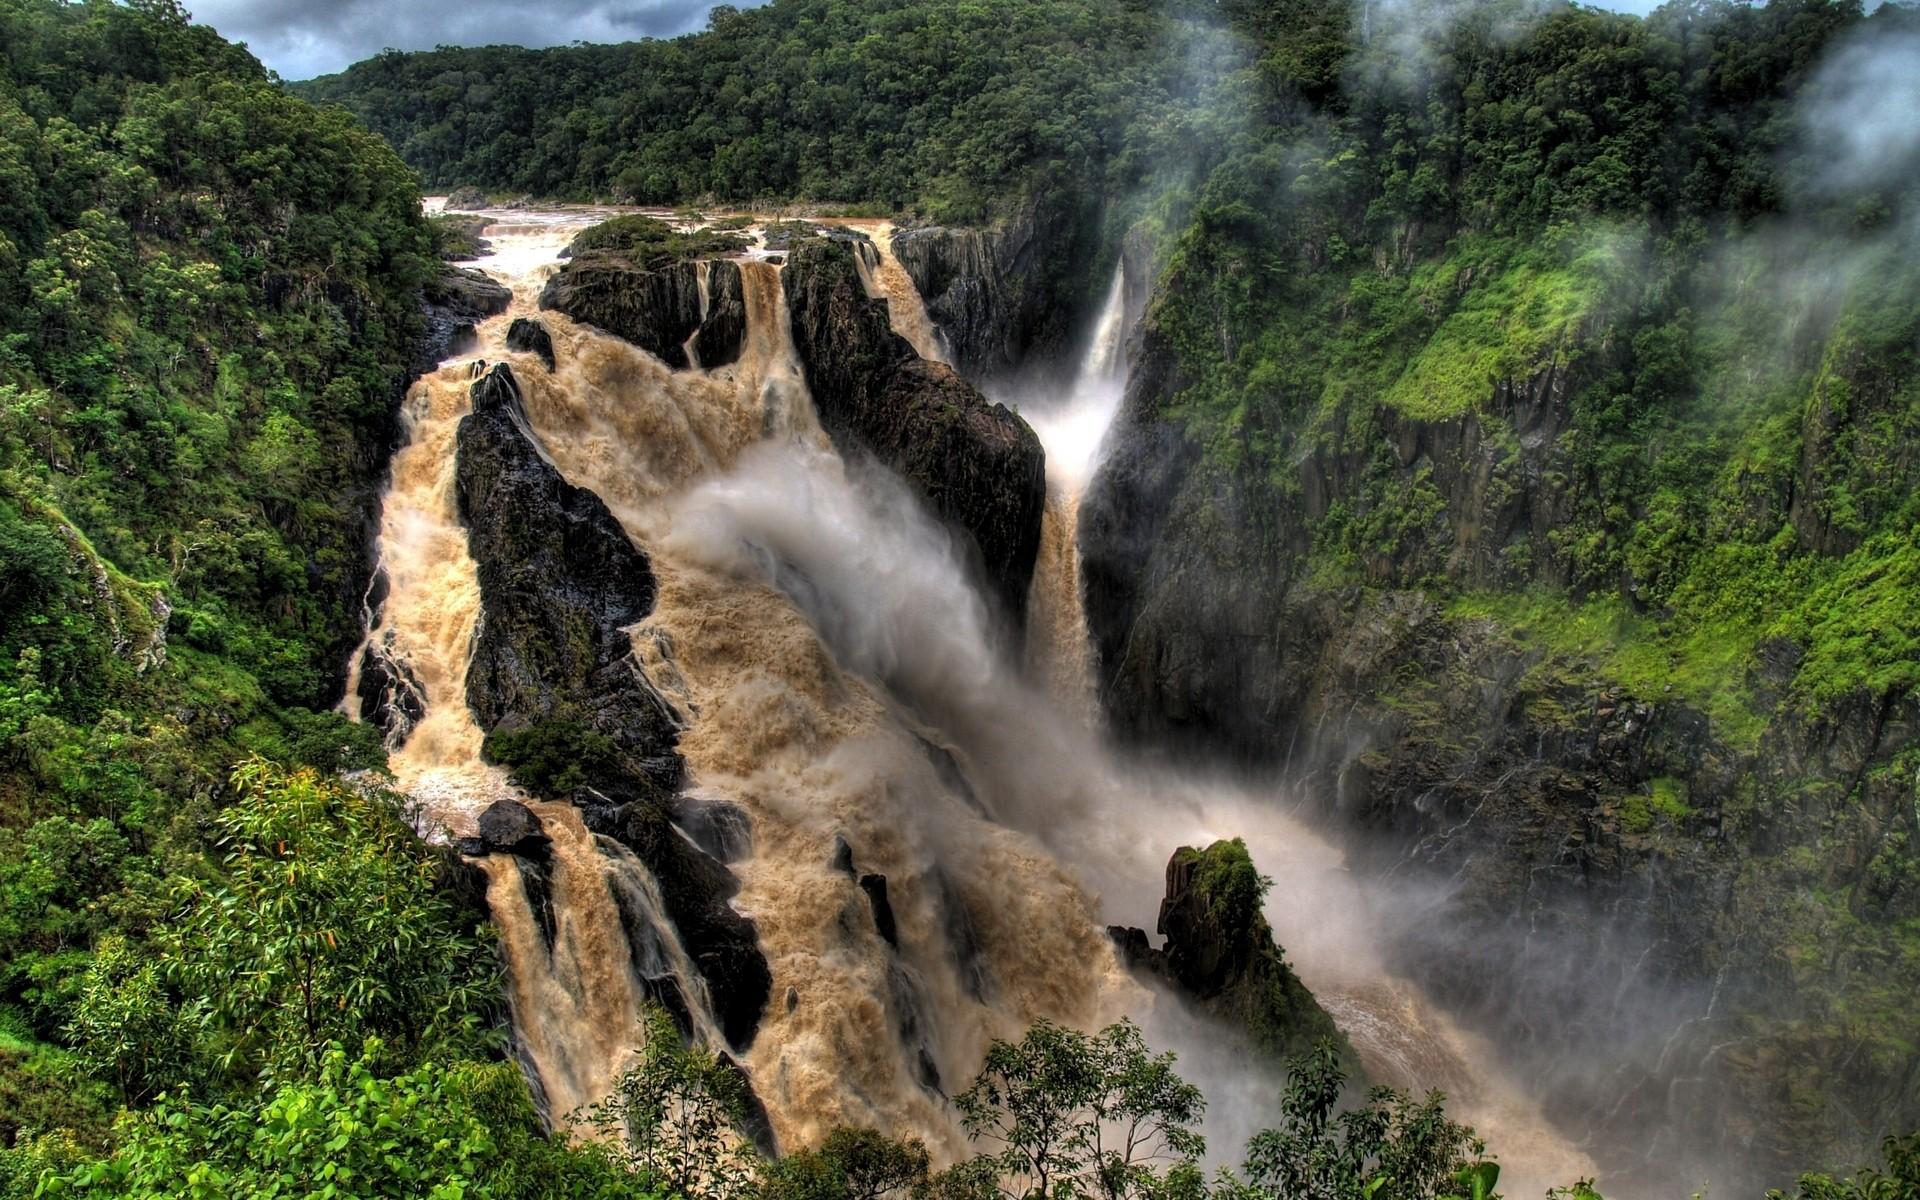 фото с водопадами какой стране каком